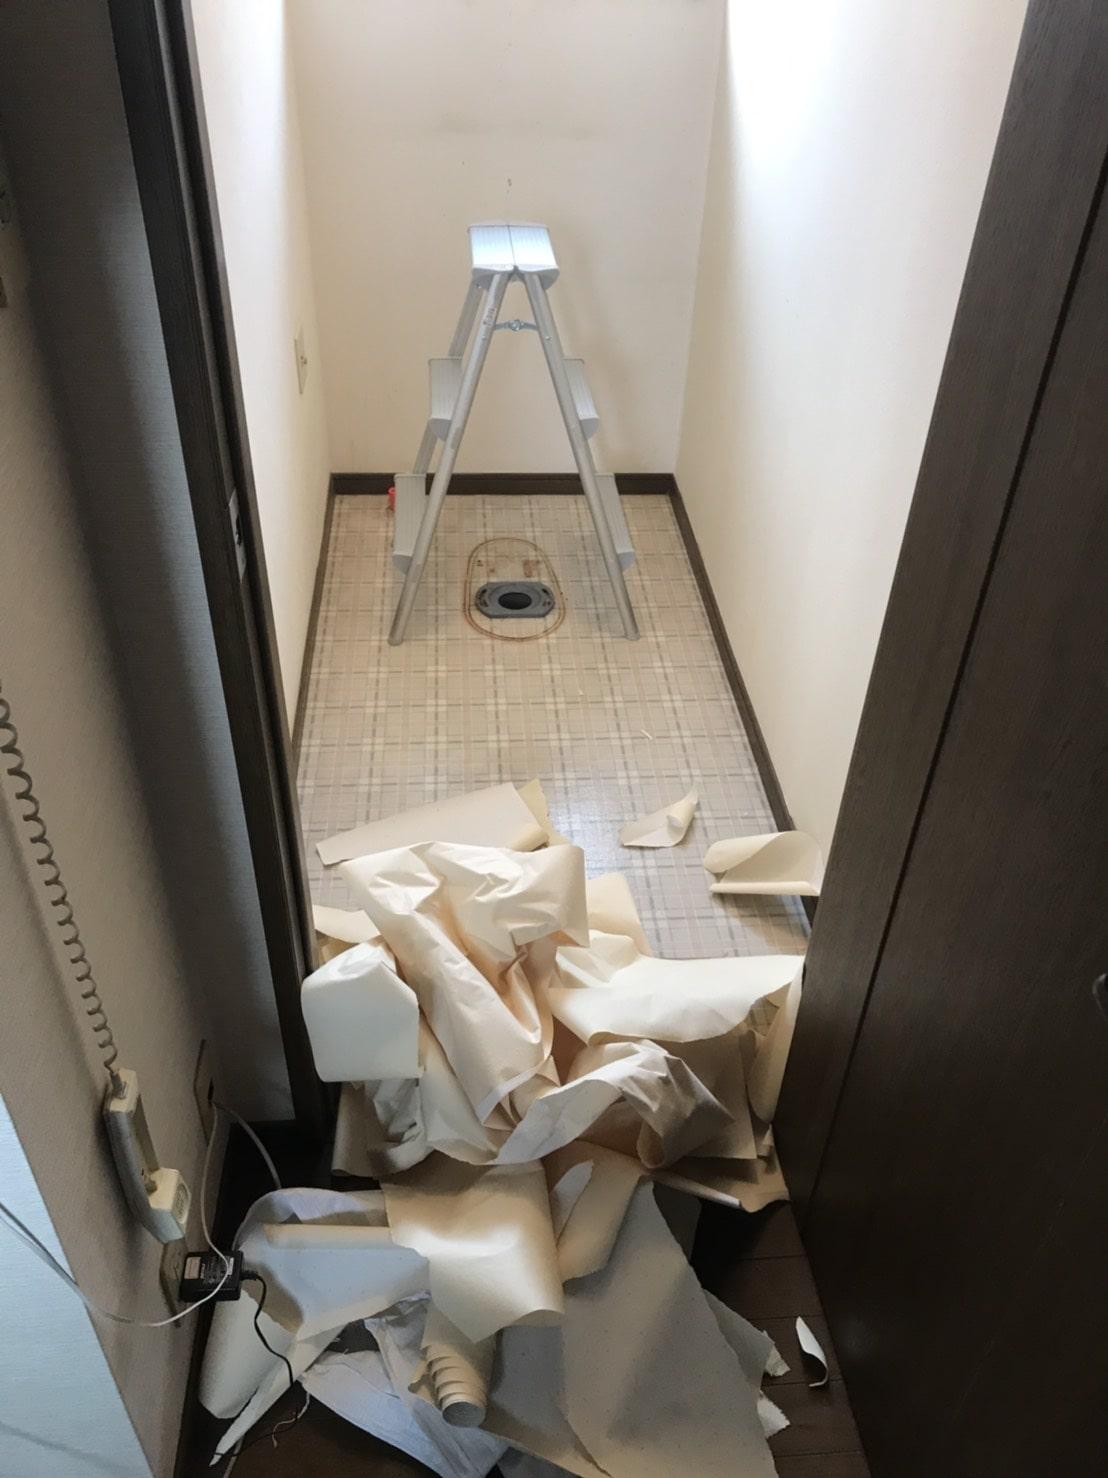 洋式トイレ交換(壁紙貼り替え)